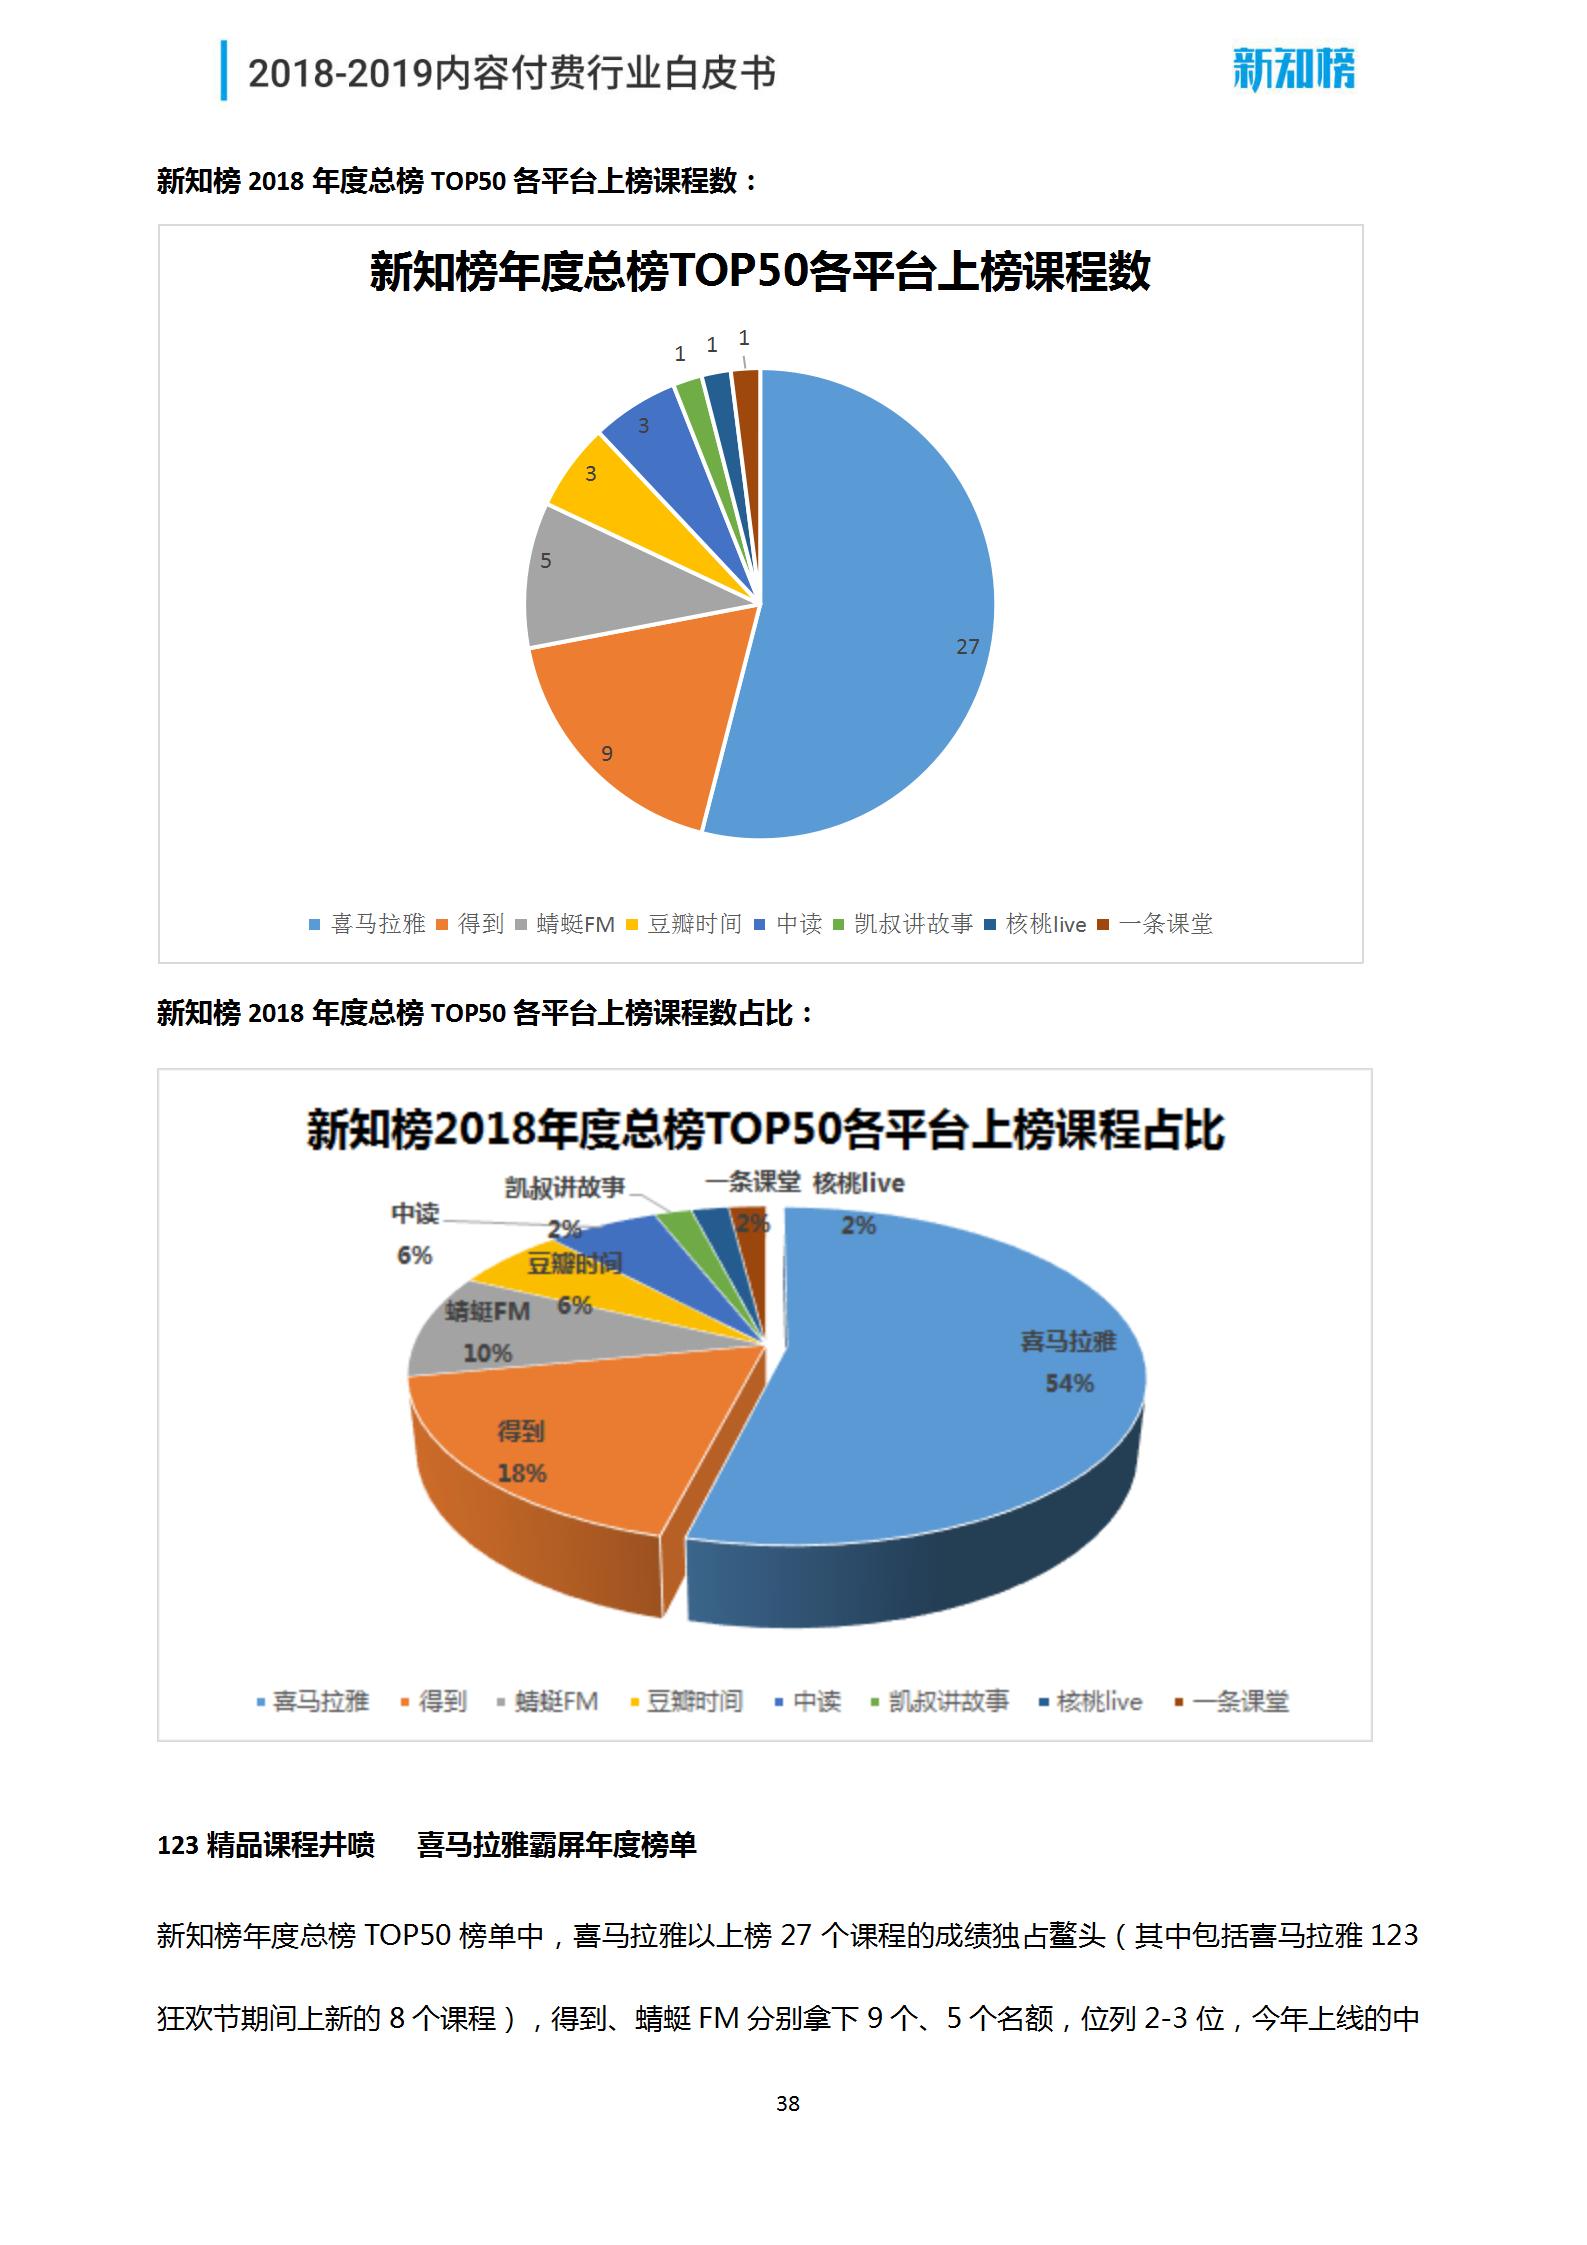 新知榜2018-2019内容付费行业白皮书_38.png